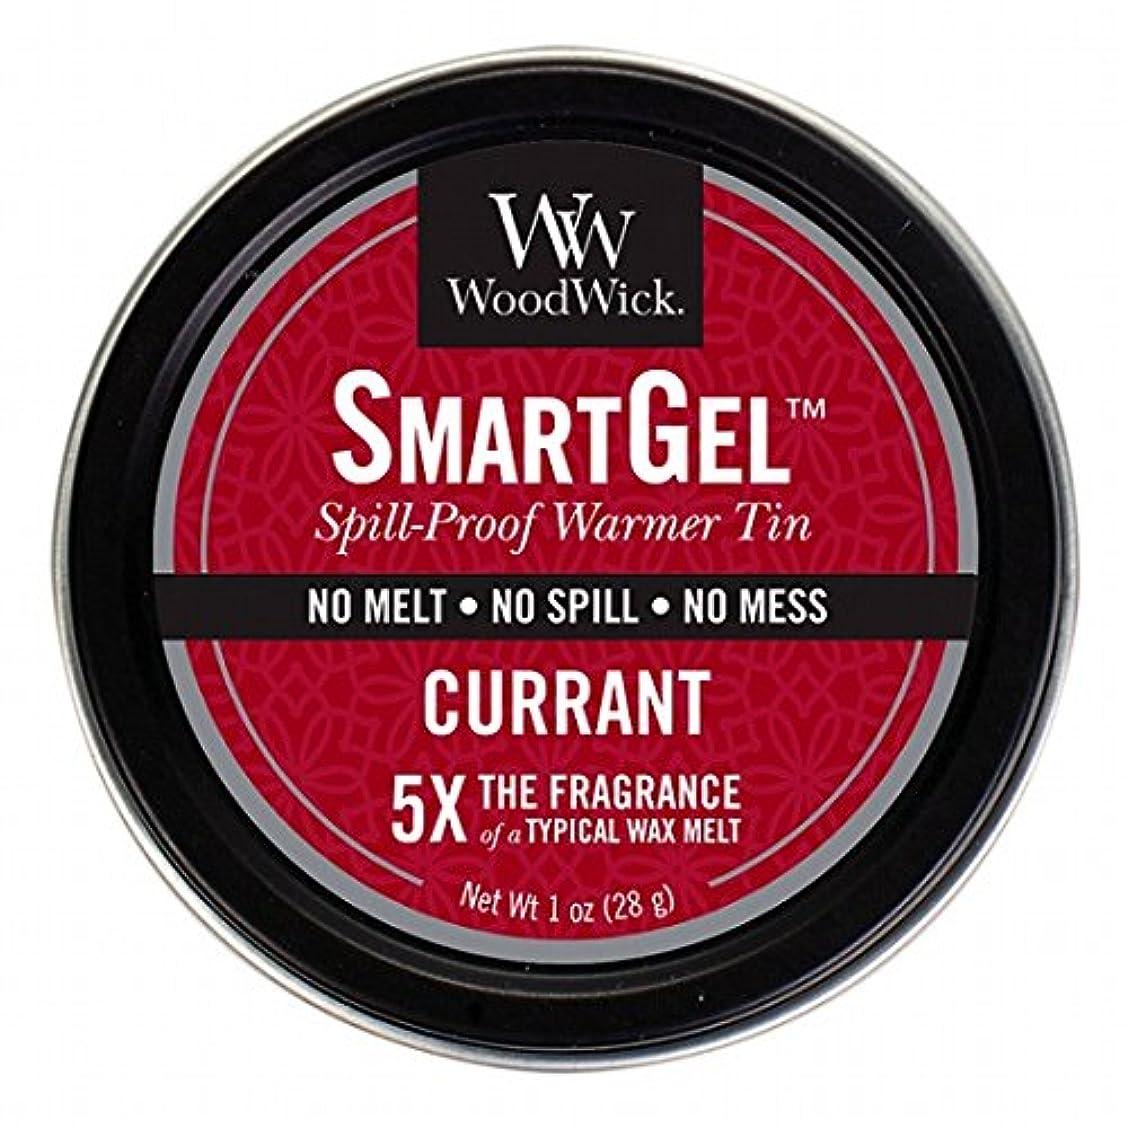 処理する階層分類ウッドウィック( WoodWick ) Wood Wickスマートジェル 「 カラント 」W9630520